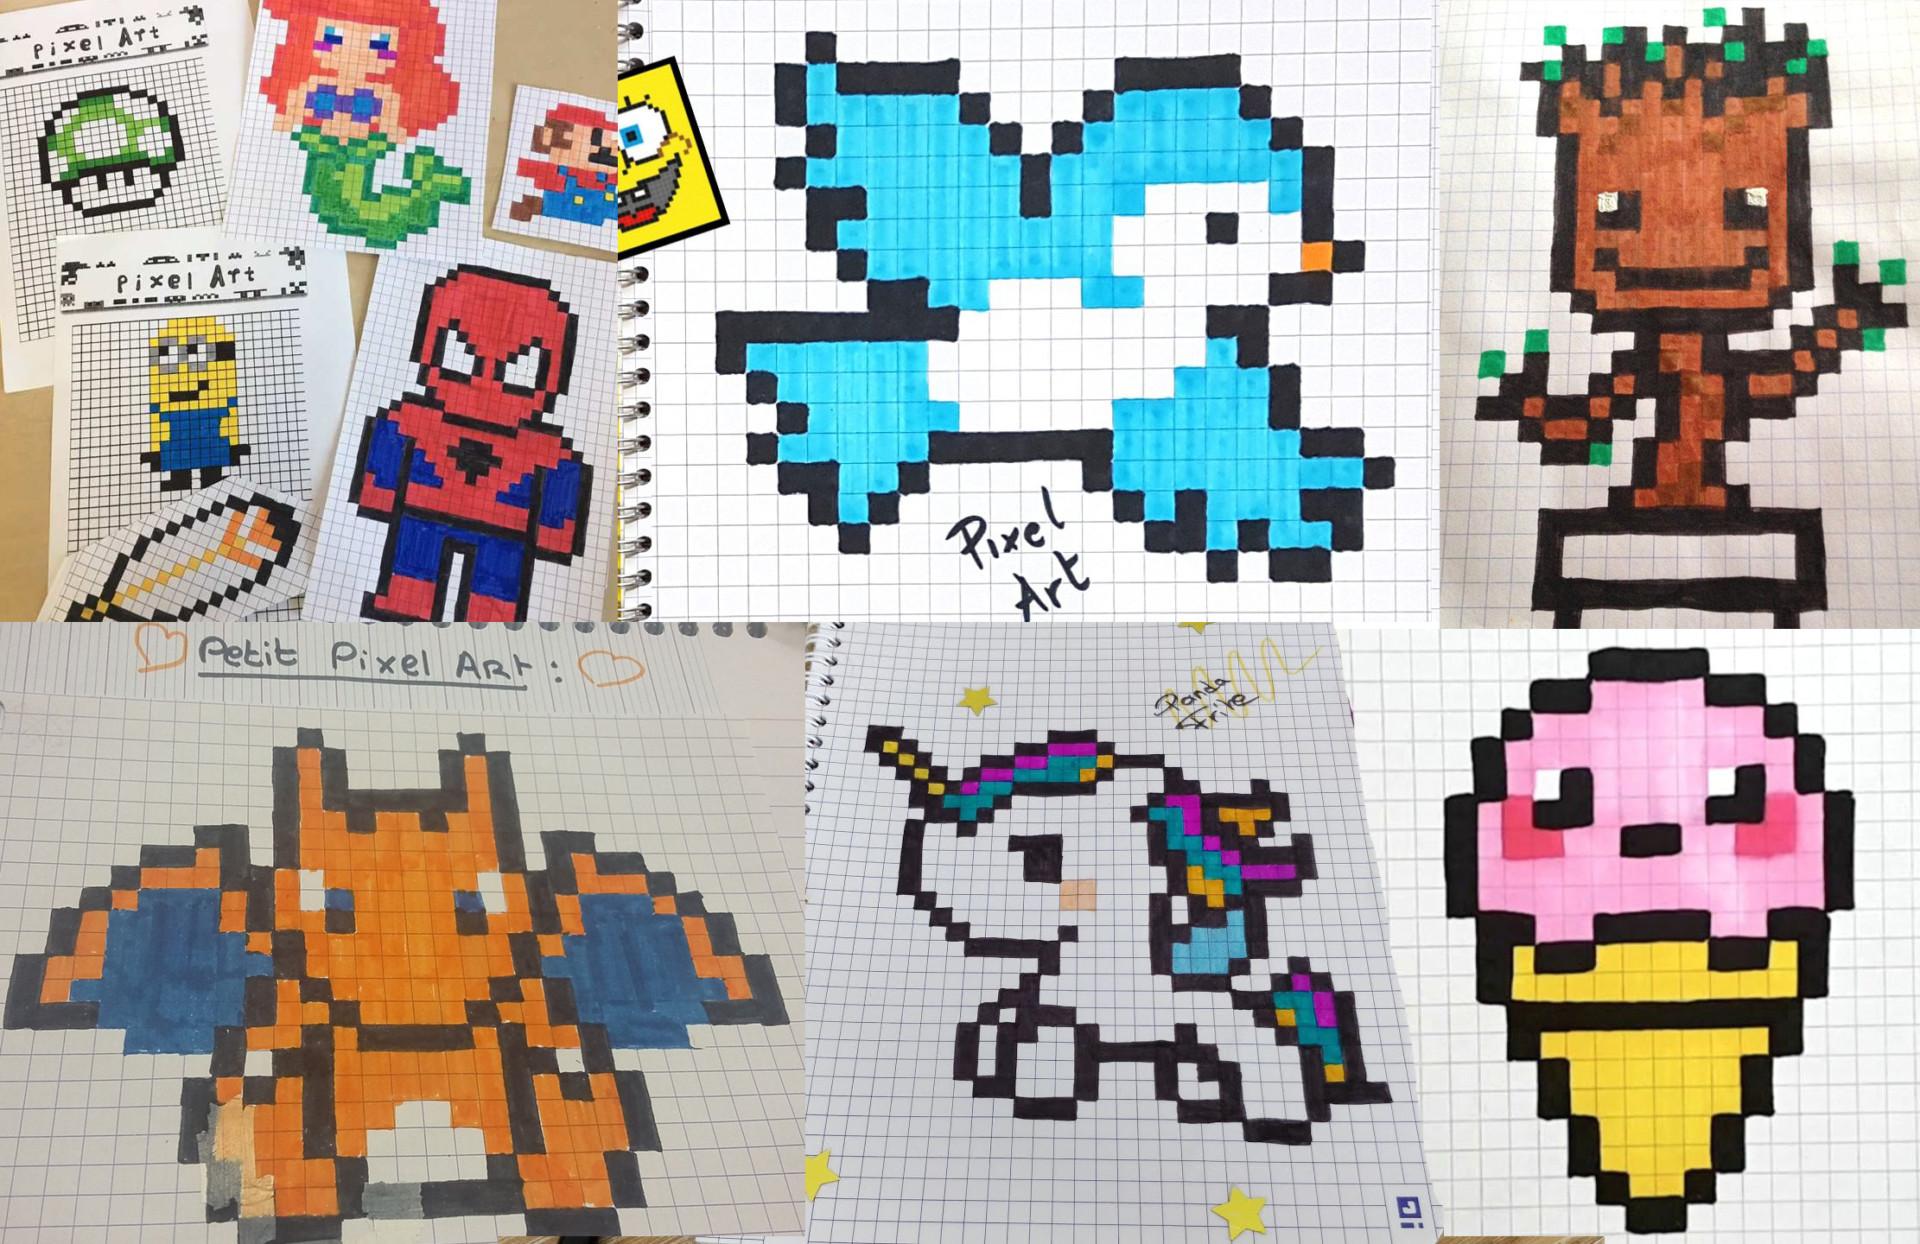 Le Pixel Art Qu Est Ce Que C Est Posca Posca